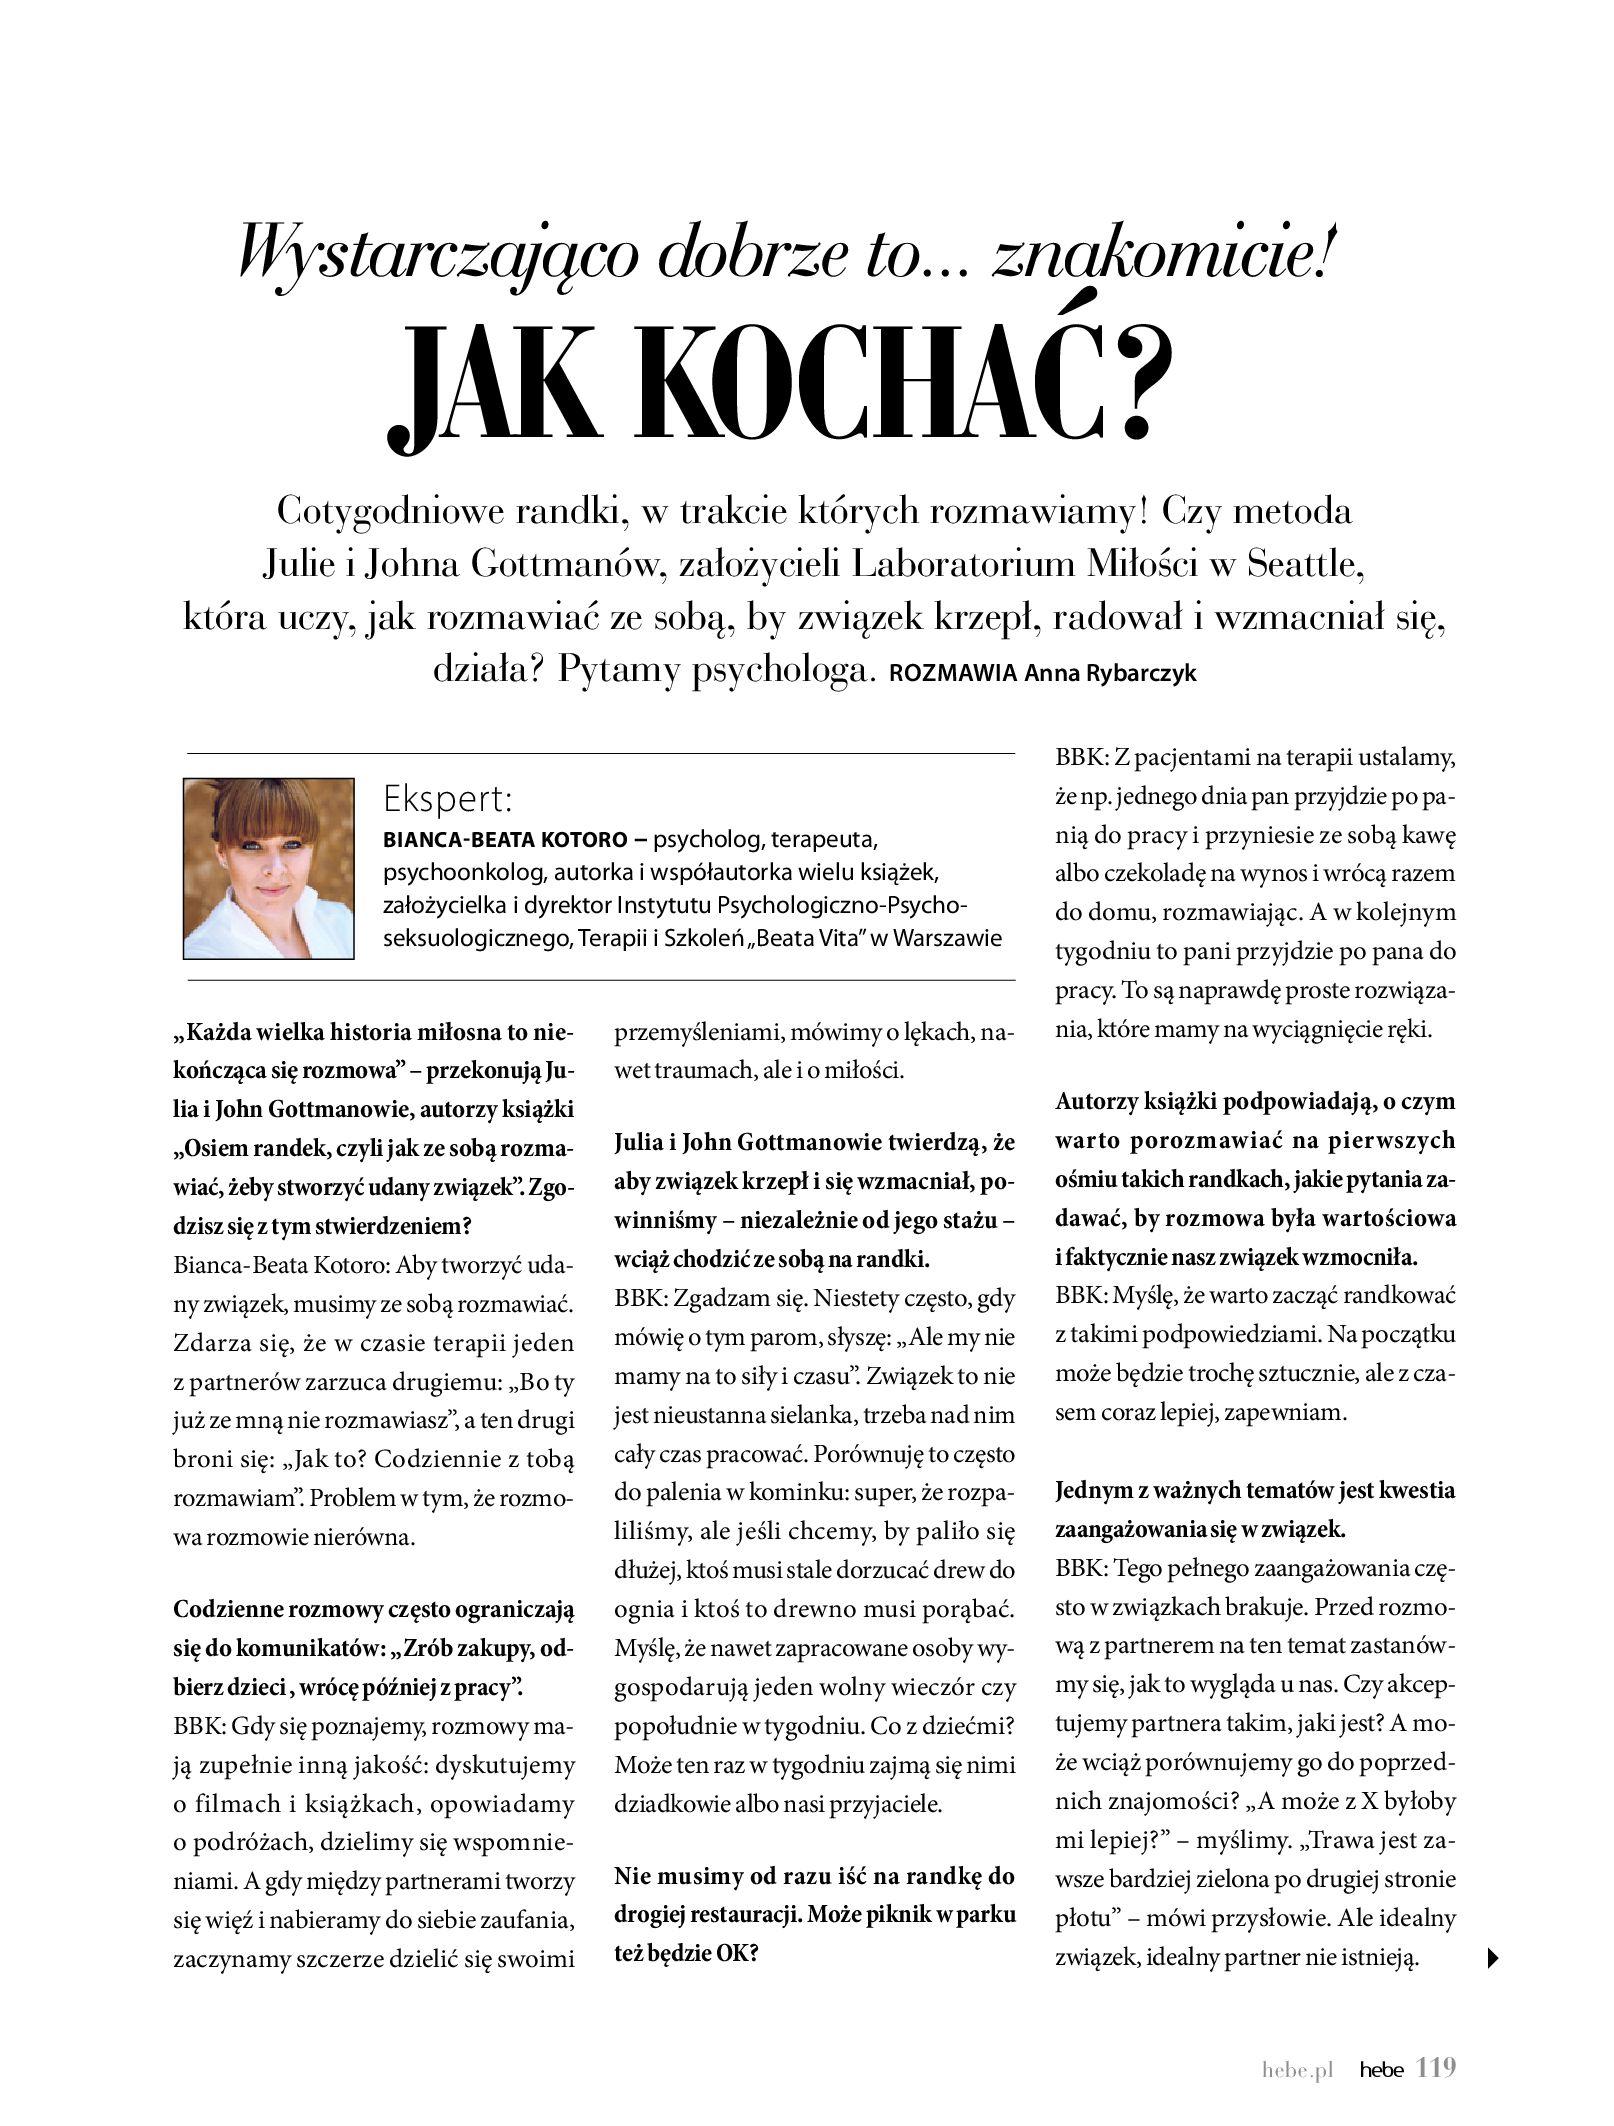 Gazetka hebe: Gazetka Hebe - Magazyn  2021-05-01 page-119